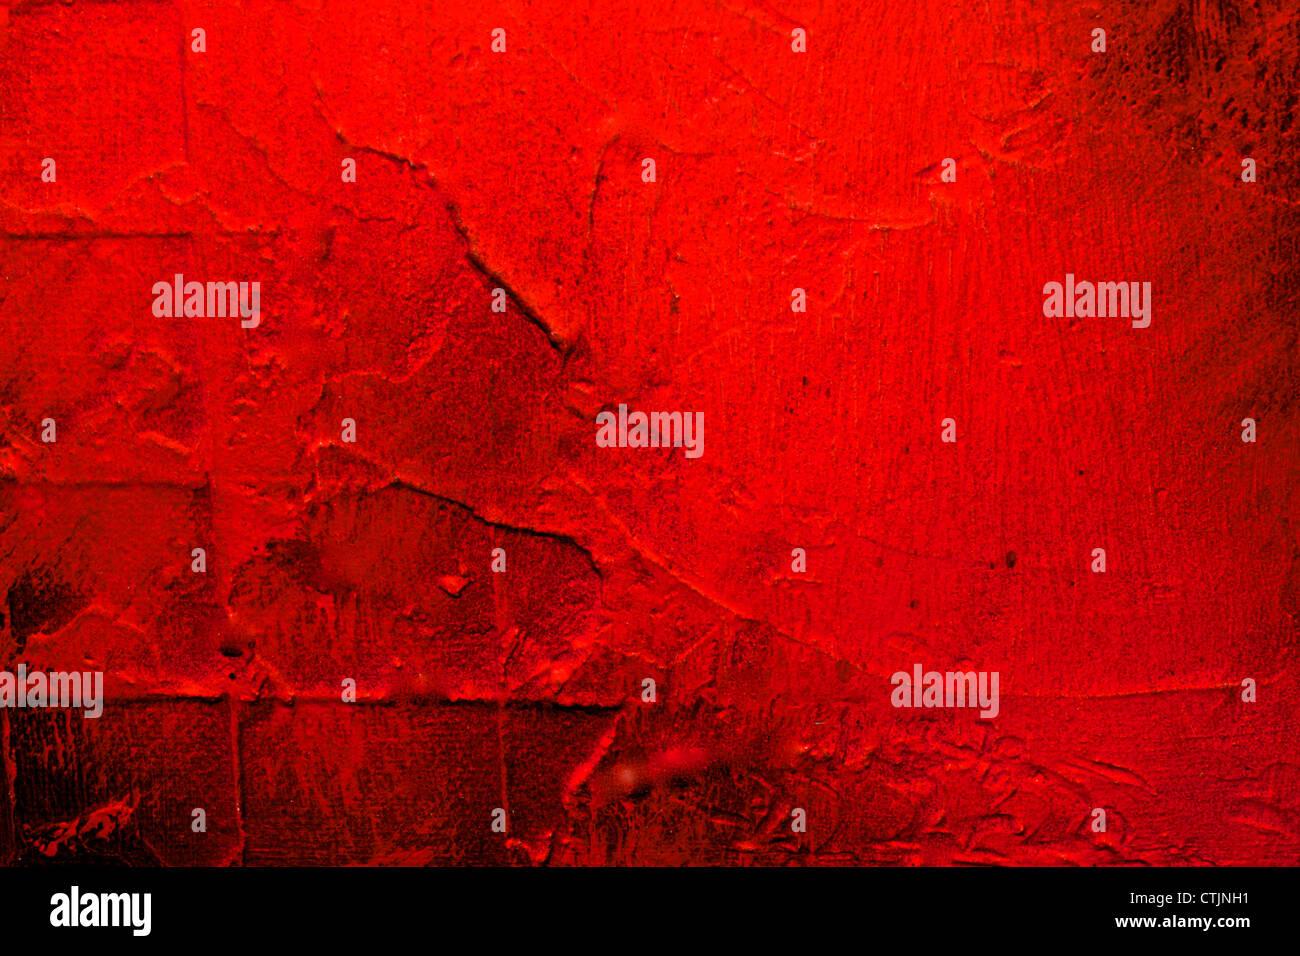 roten Hintergrund oder Rahmen mit viel Textur und detail Stockbild